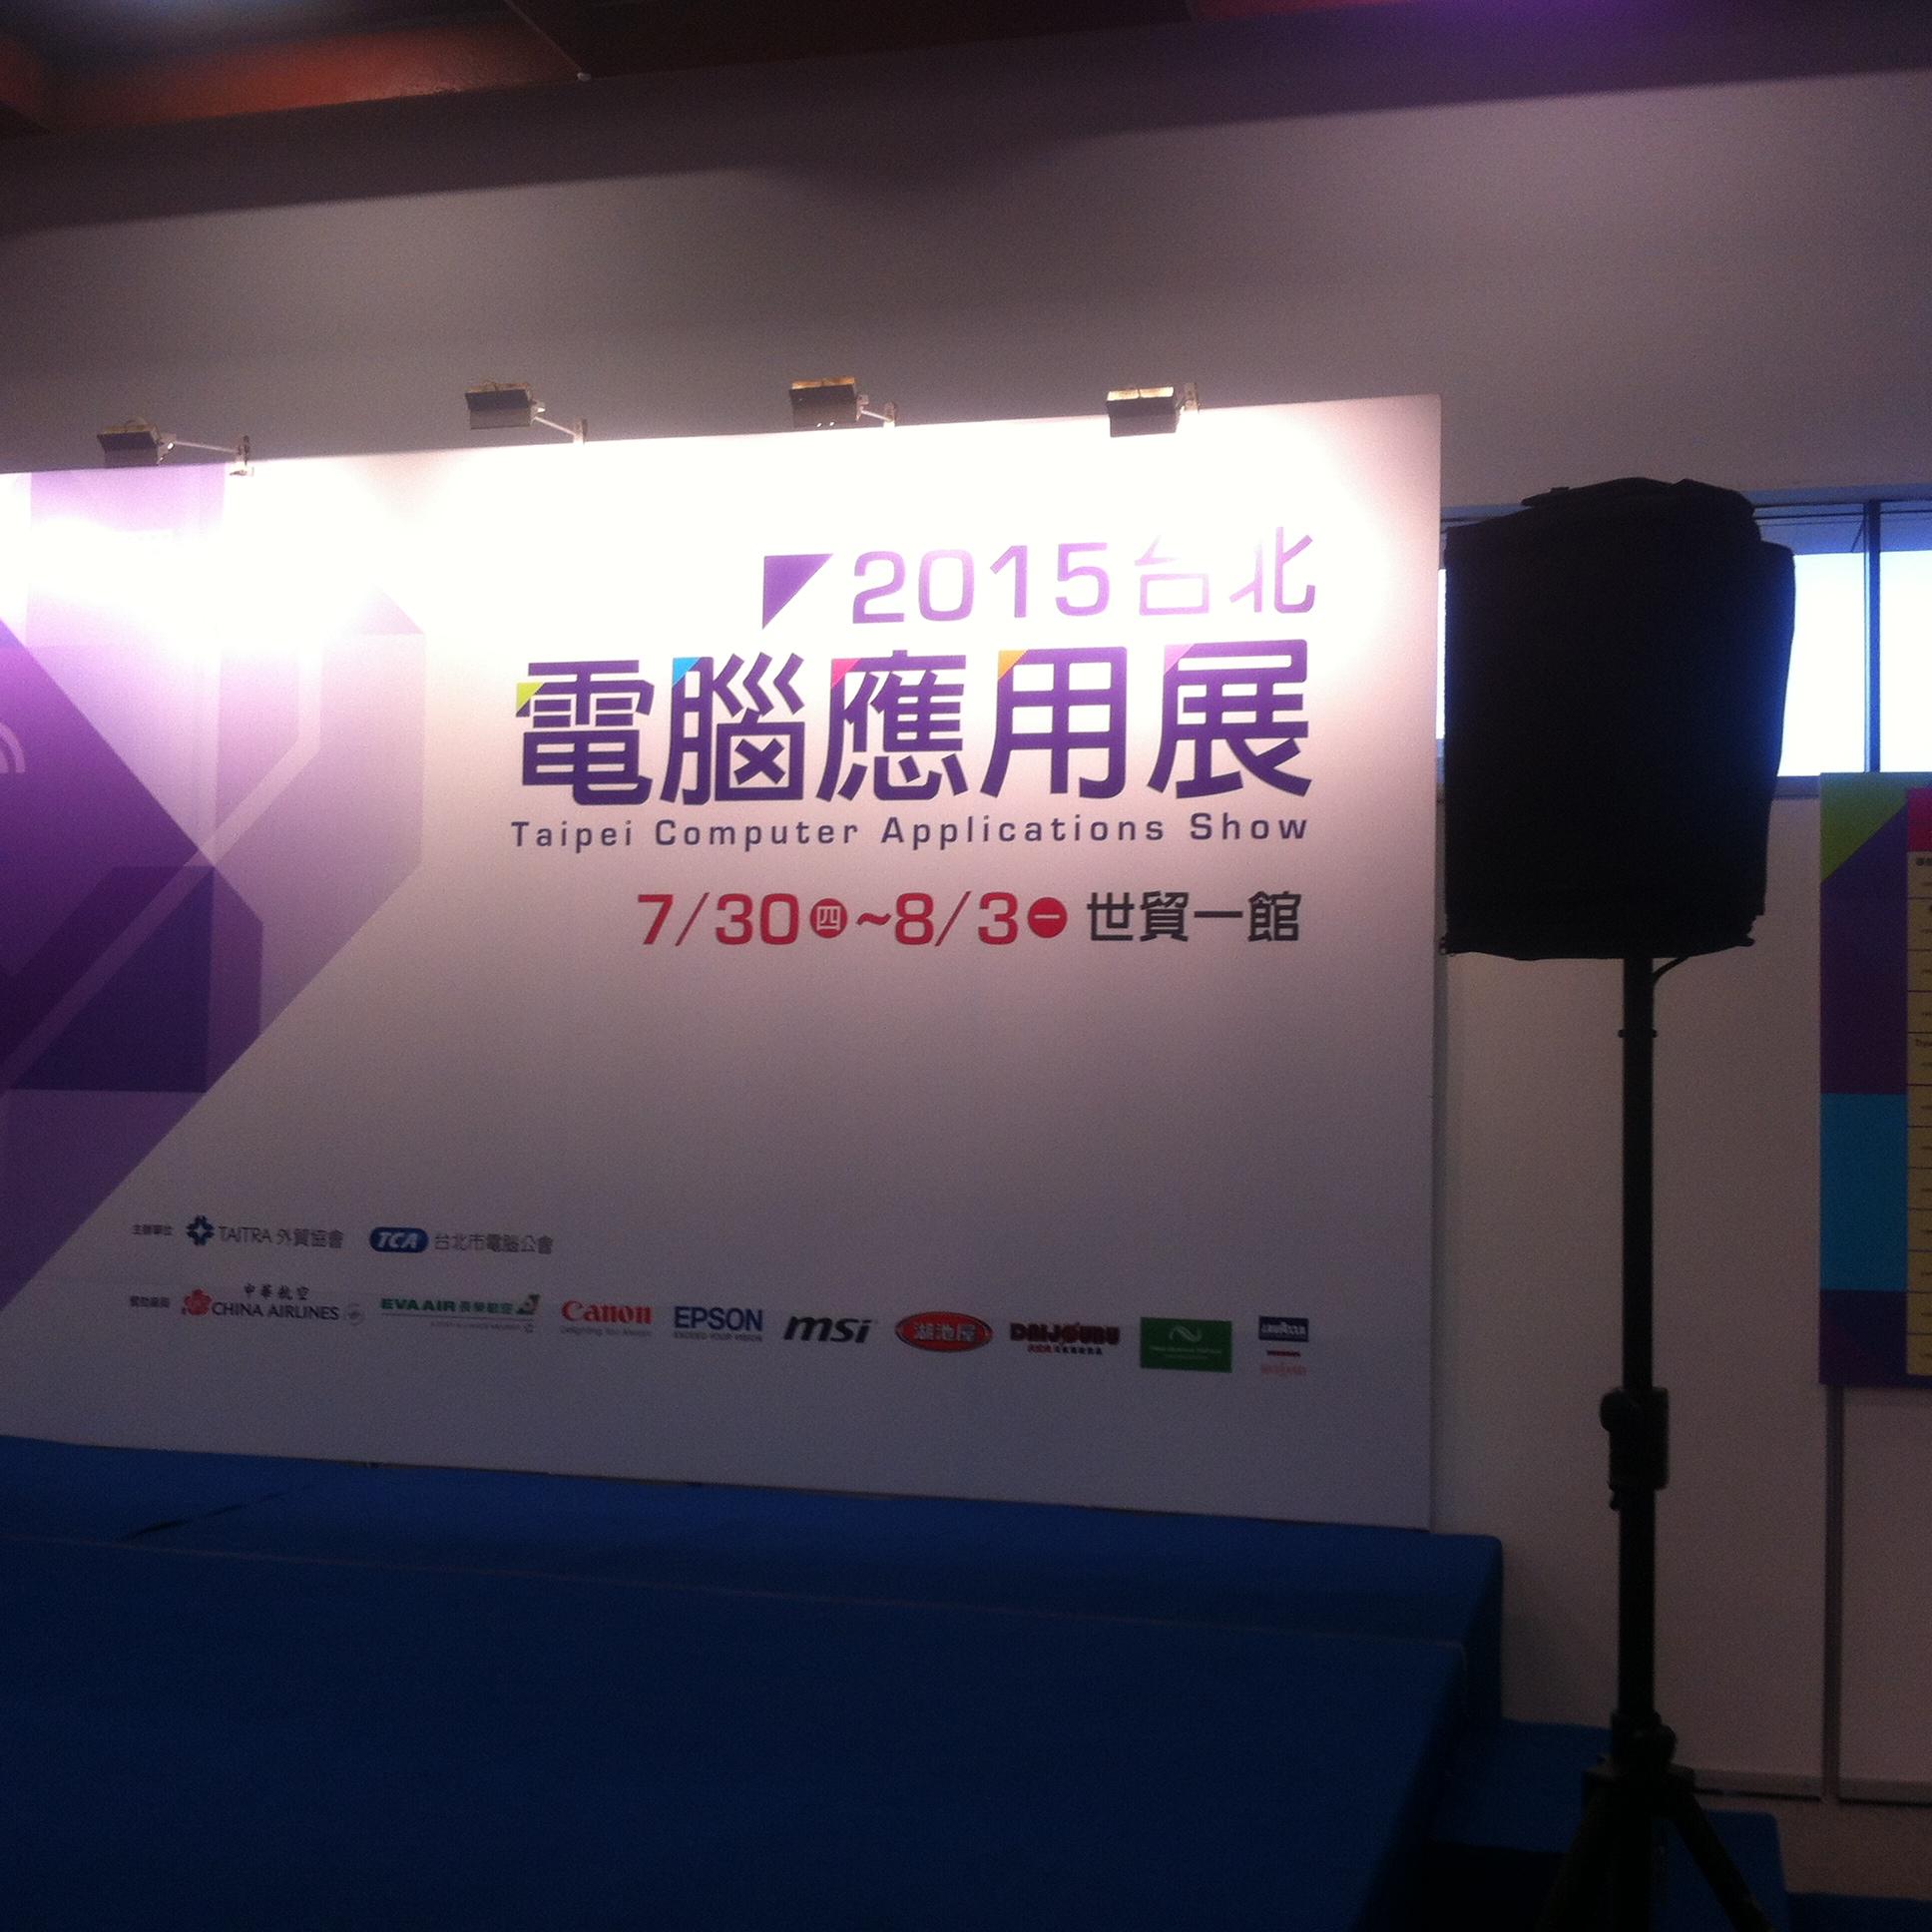 2015年 台北コンピューターアプリケーション見本市に行ってきました。